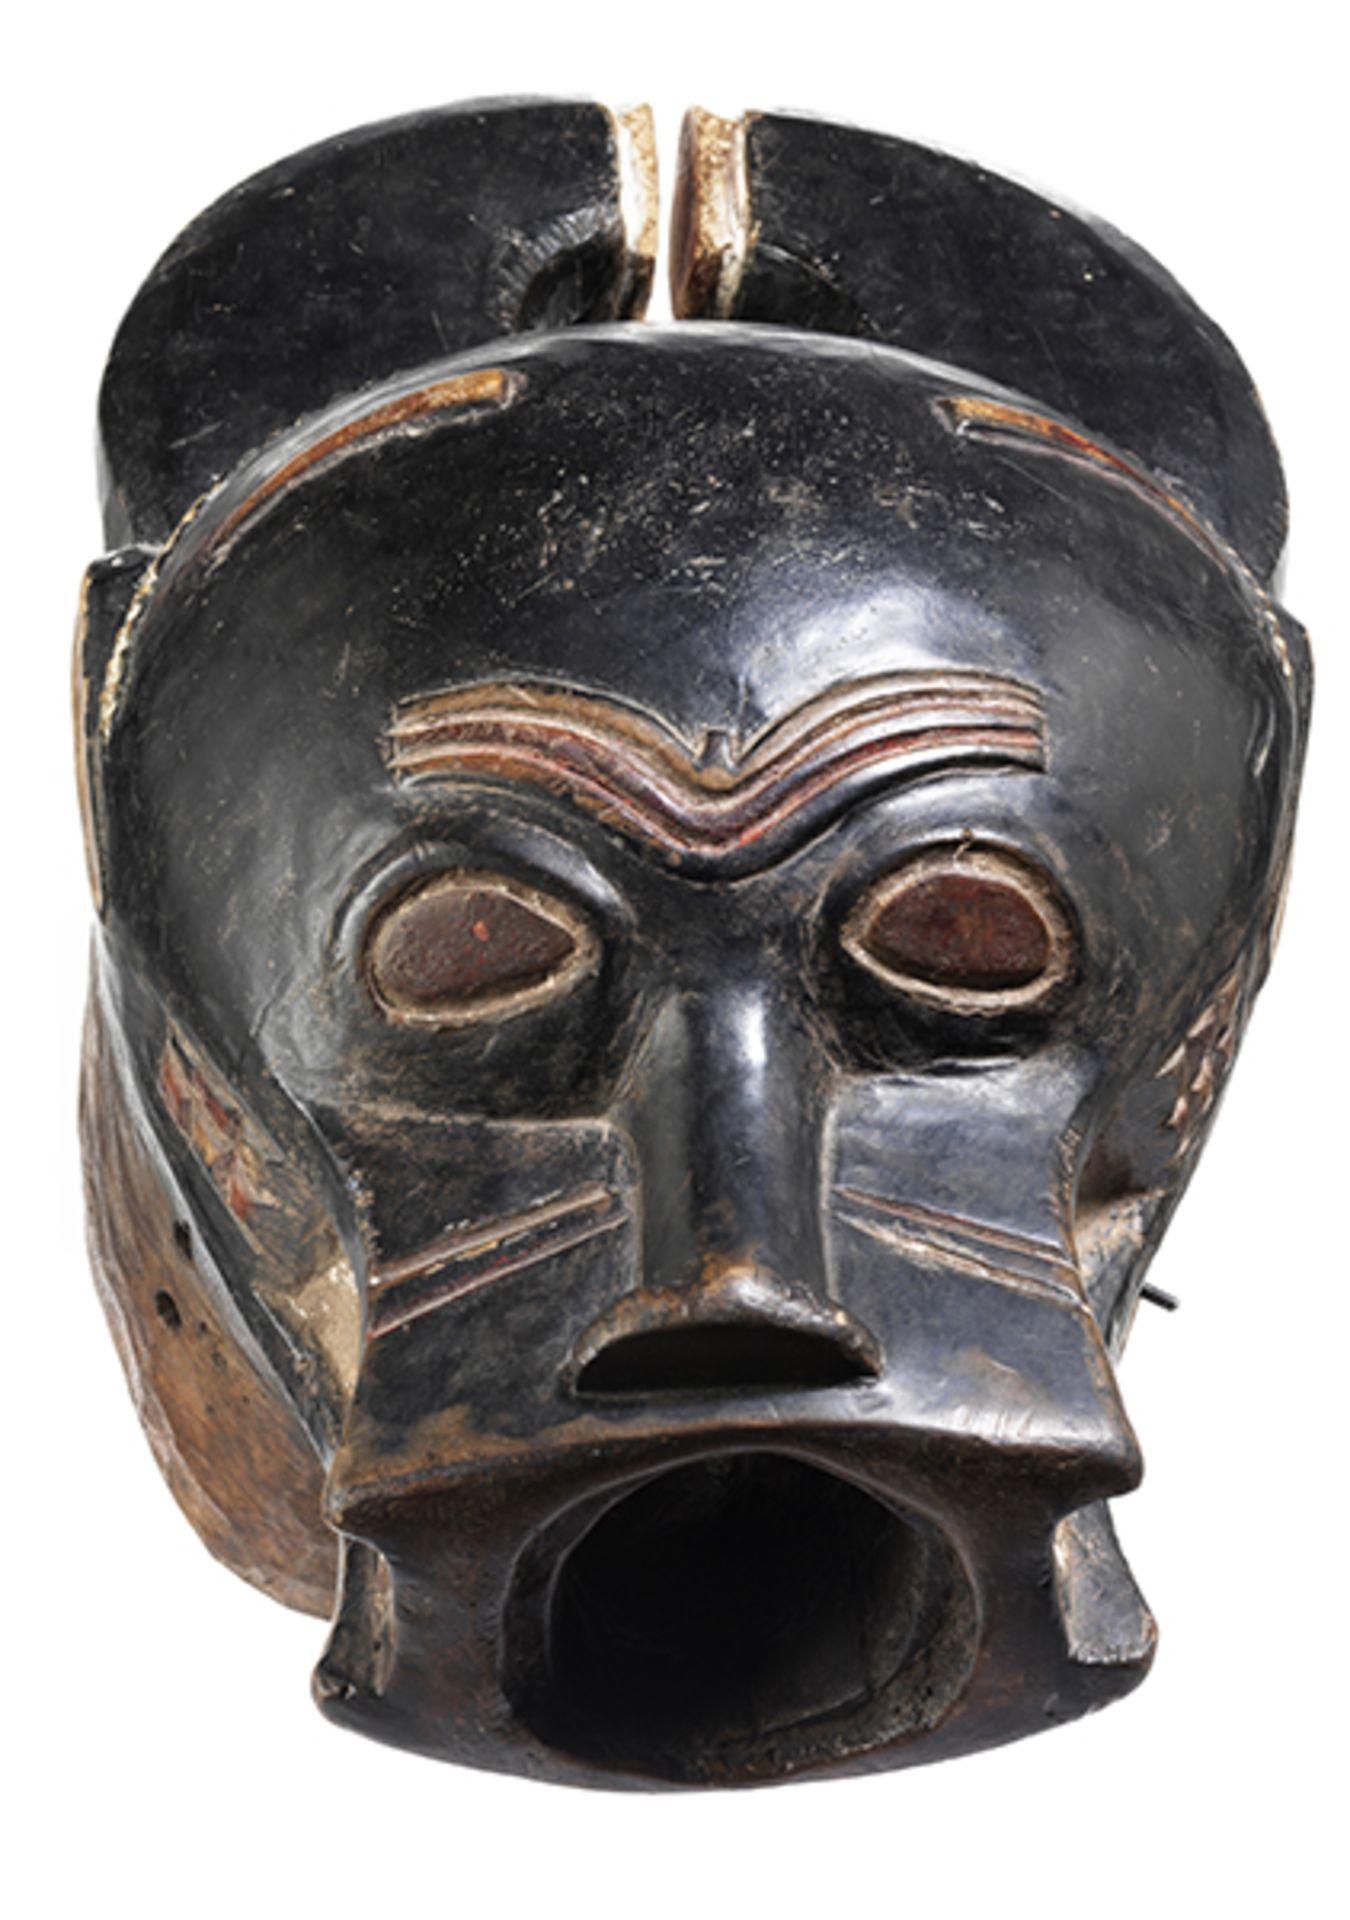 Los 886 - Goli-Baule-Büffelmaske Höhe: 48 cm. Elfenbeinküste, 19./ 20. Jahrhundert. Holz, geschnitzt mit...